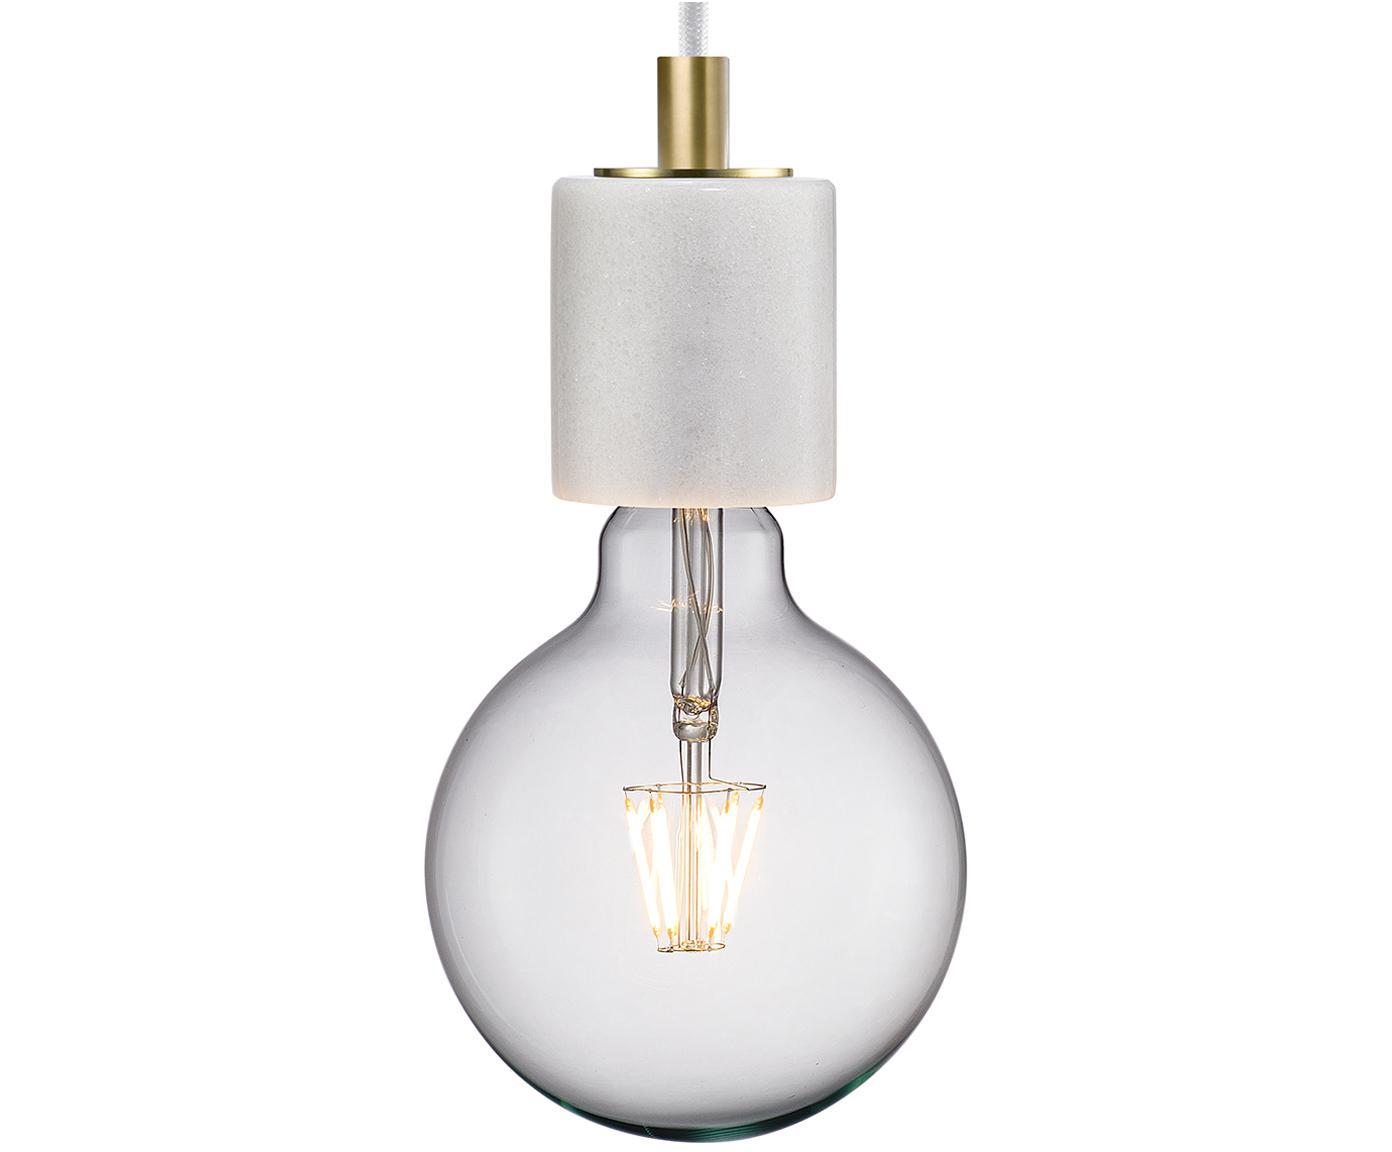 Lampa wisząca z marmuru Siv, Biały, odcienie mosiądzu, Ø 6 x W 10 cm